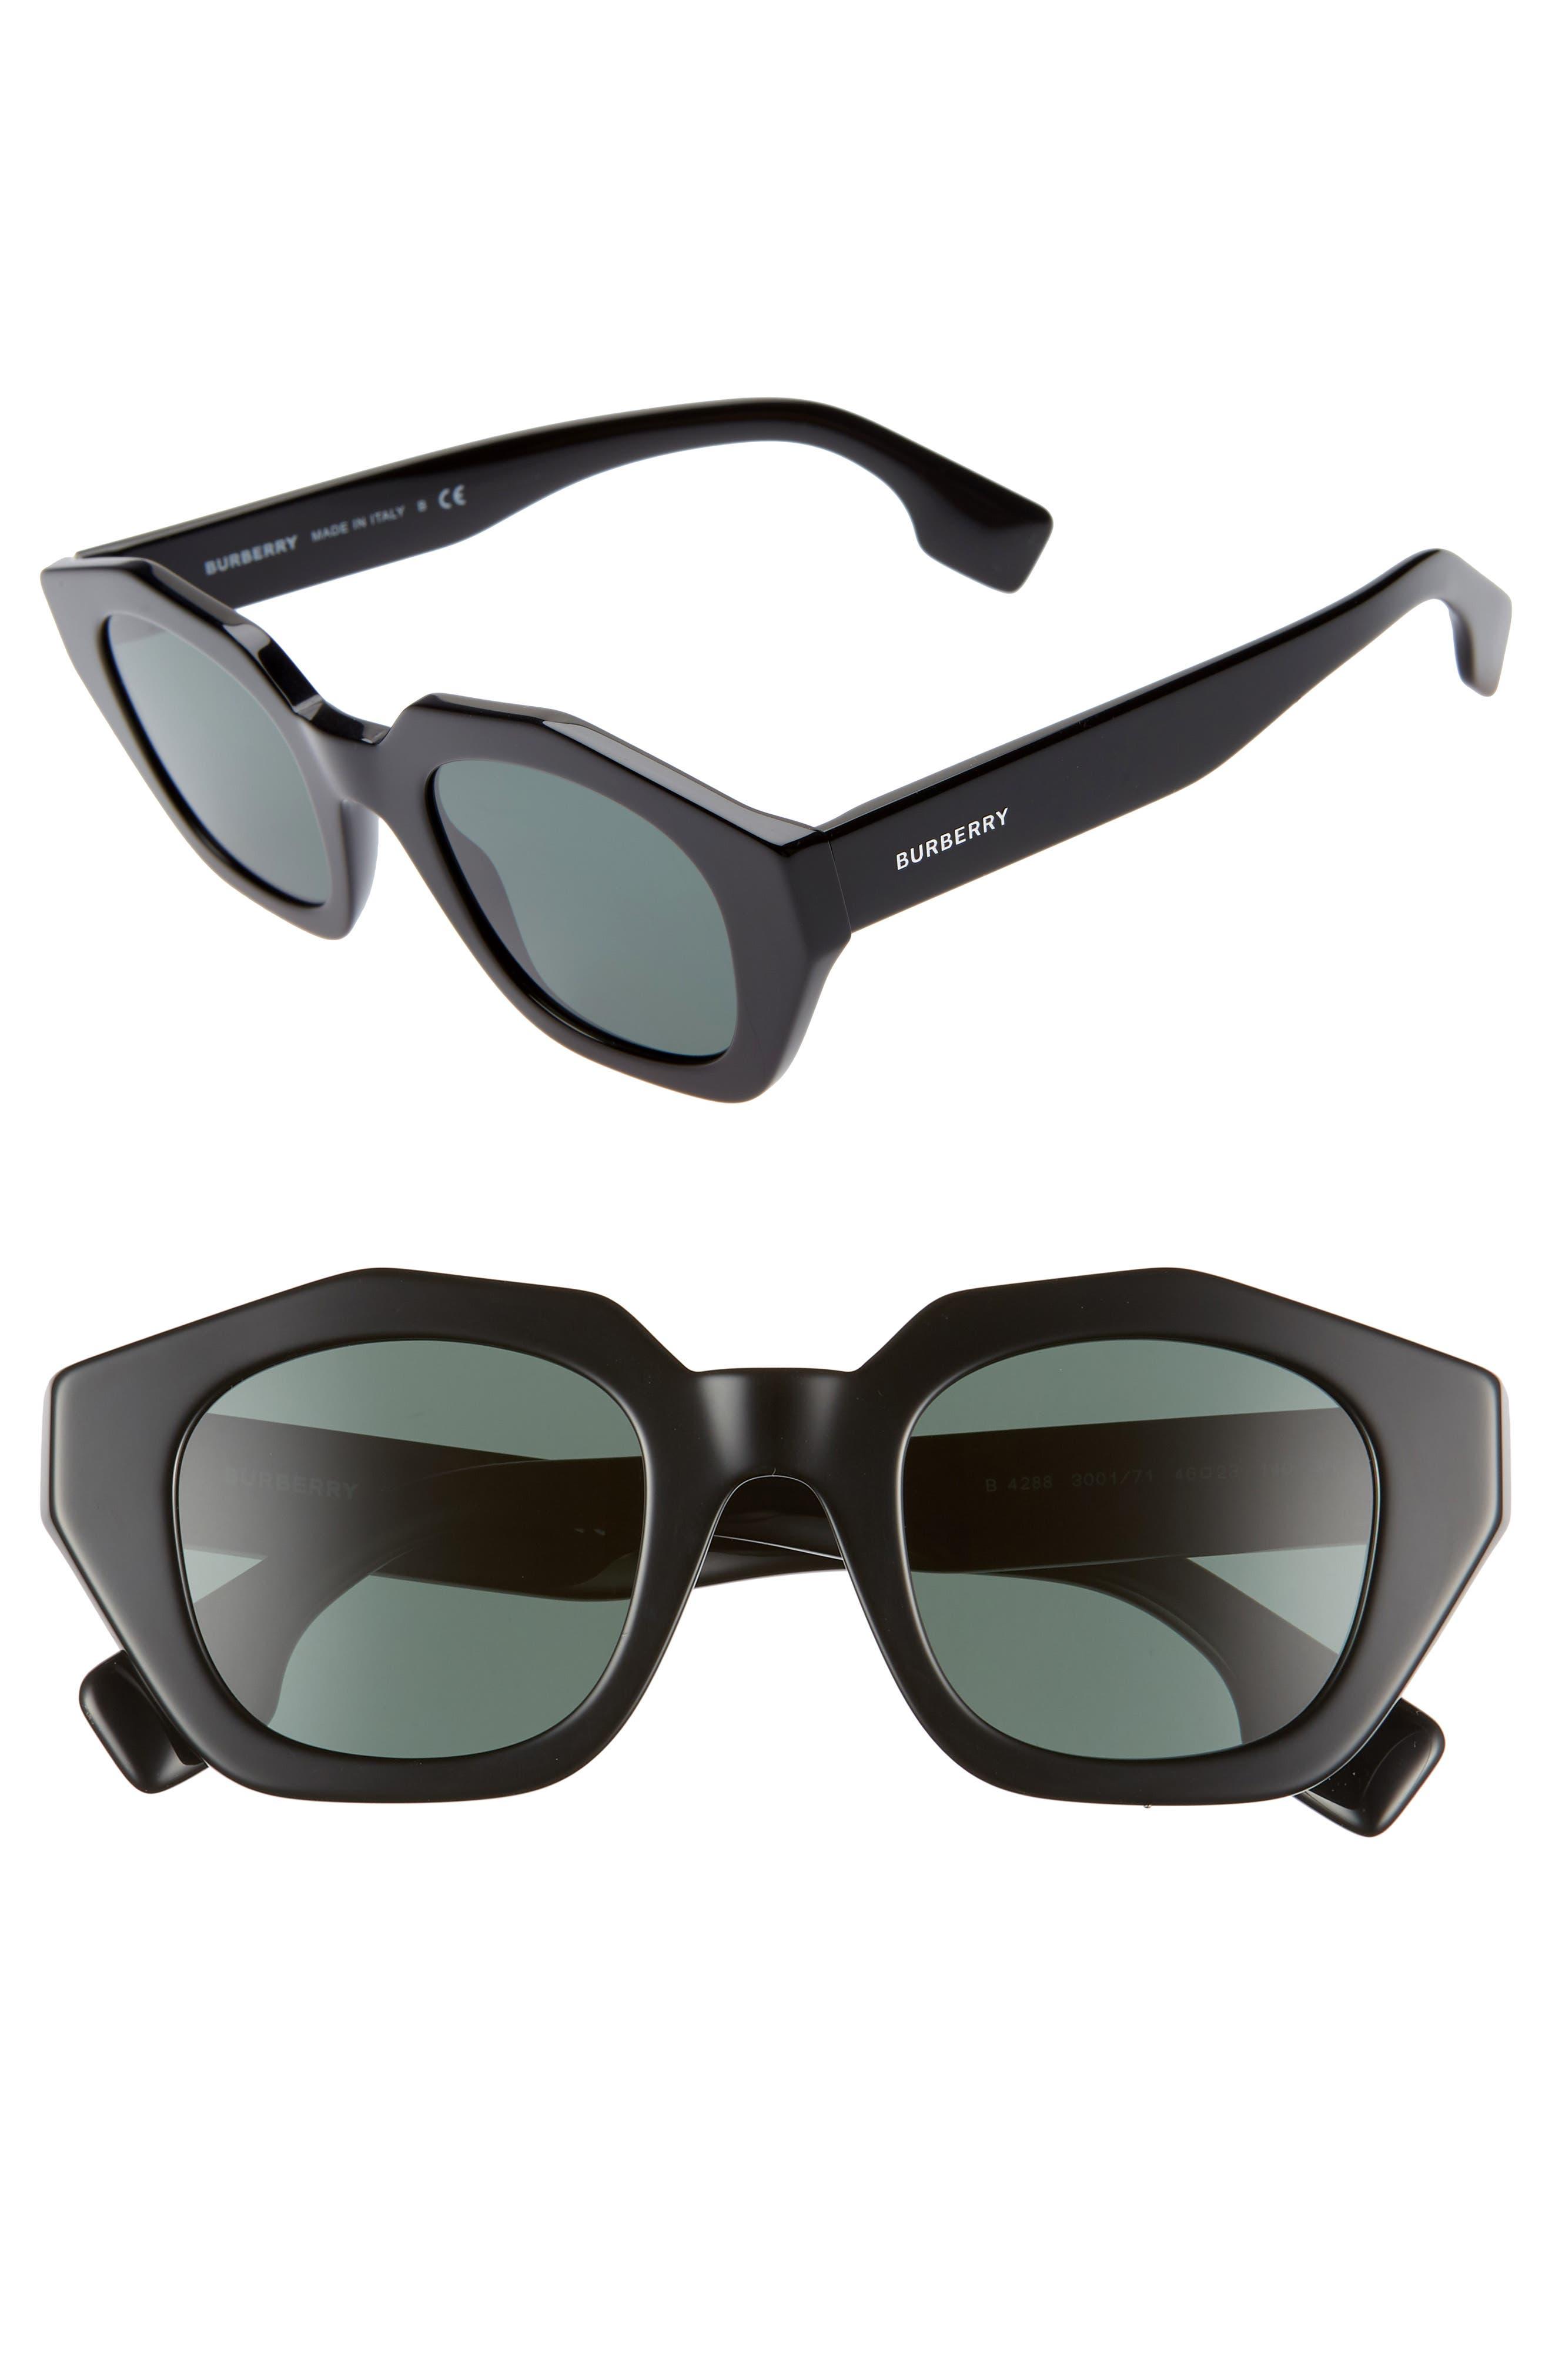 BURBERRY, 46mm Geometric Sunglasses, Main thumbnail 1, color, BLACK